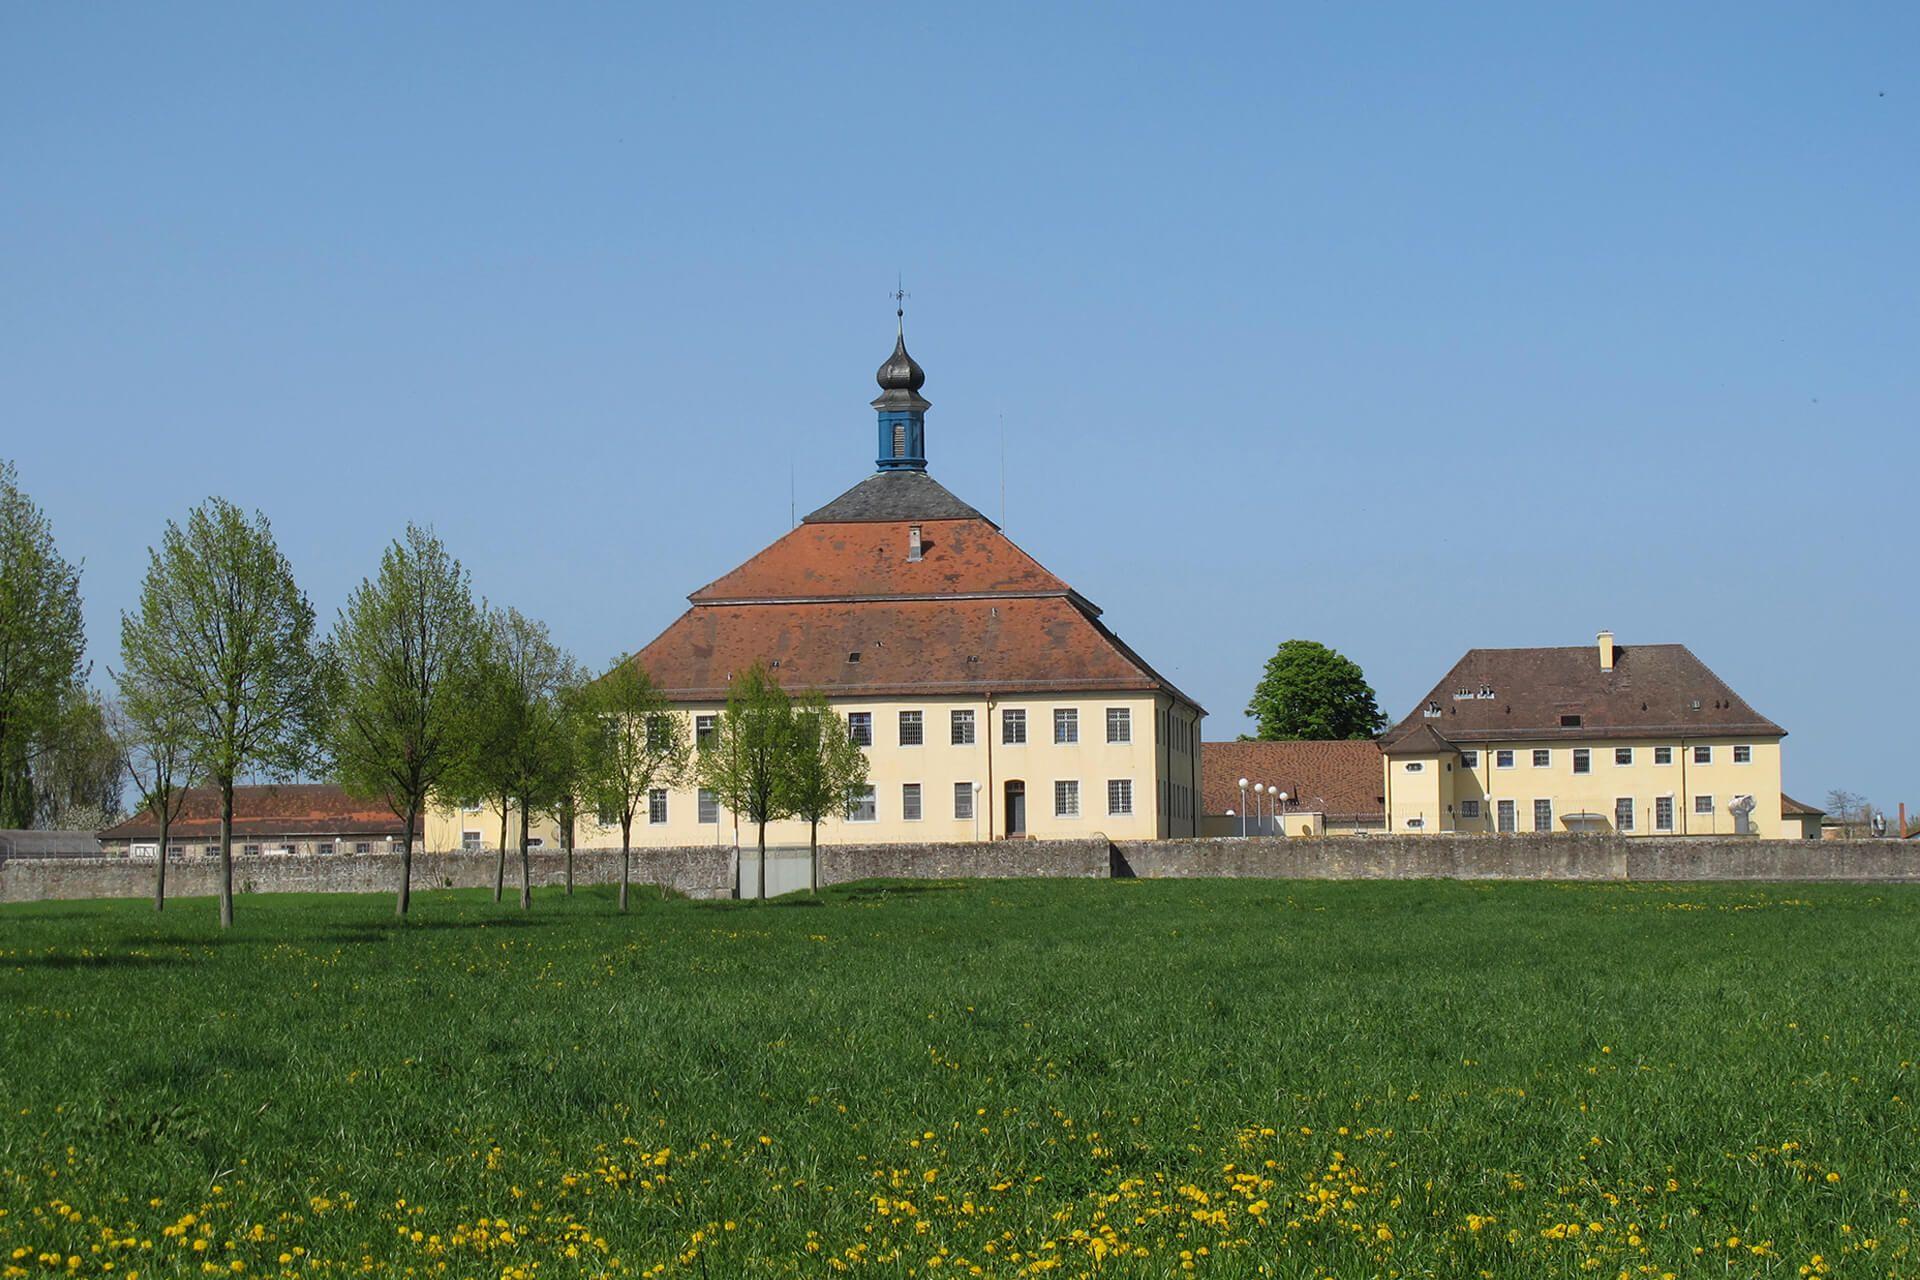 Aktuelle Aufnahme des Schloss Kislau in der Südansicht